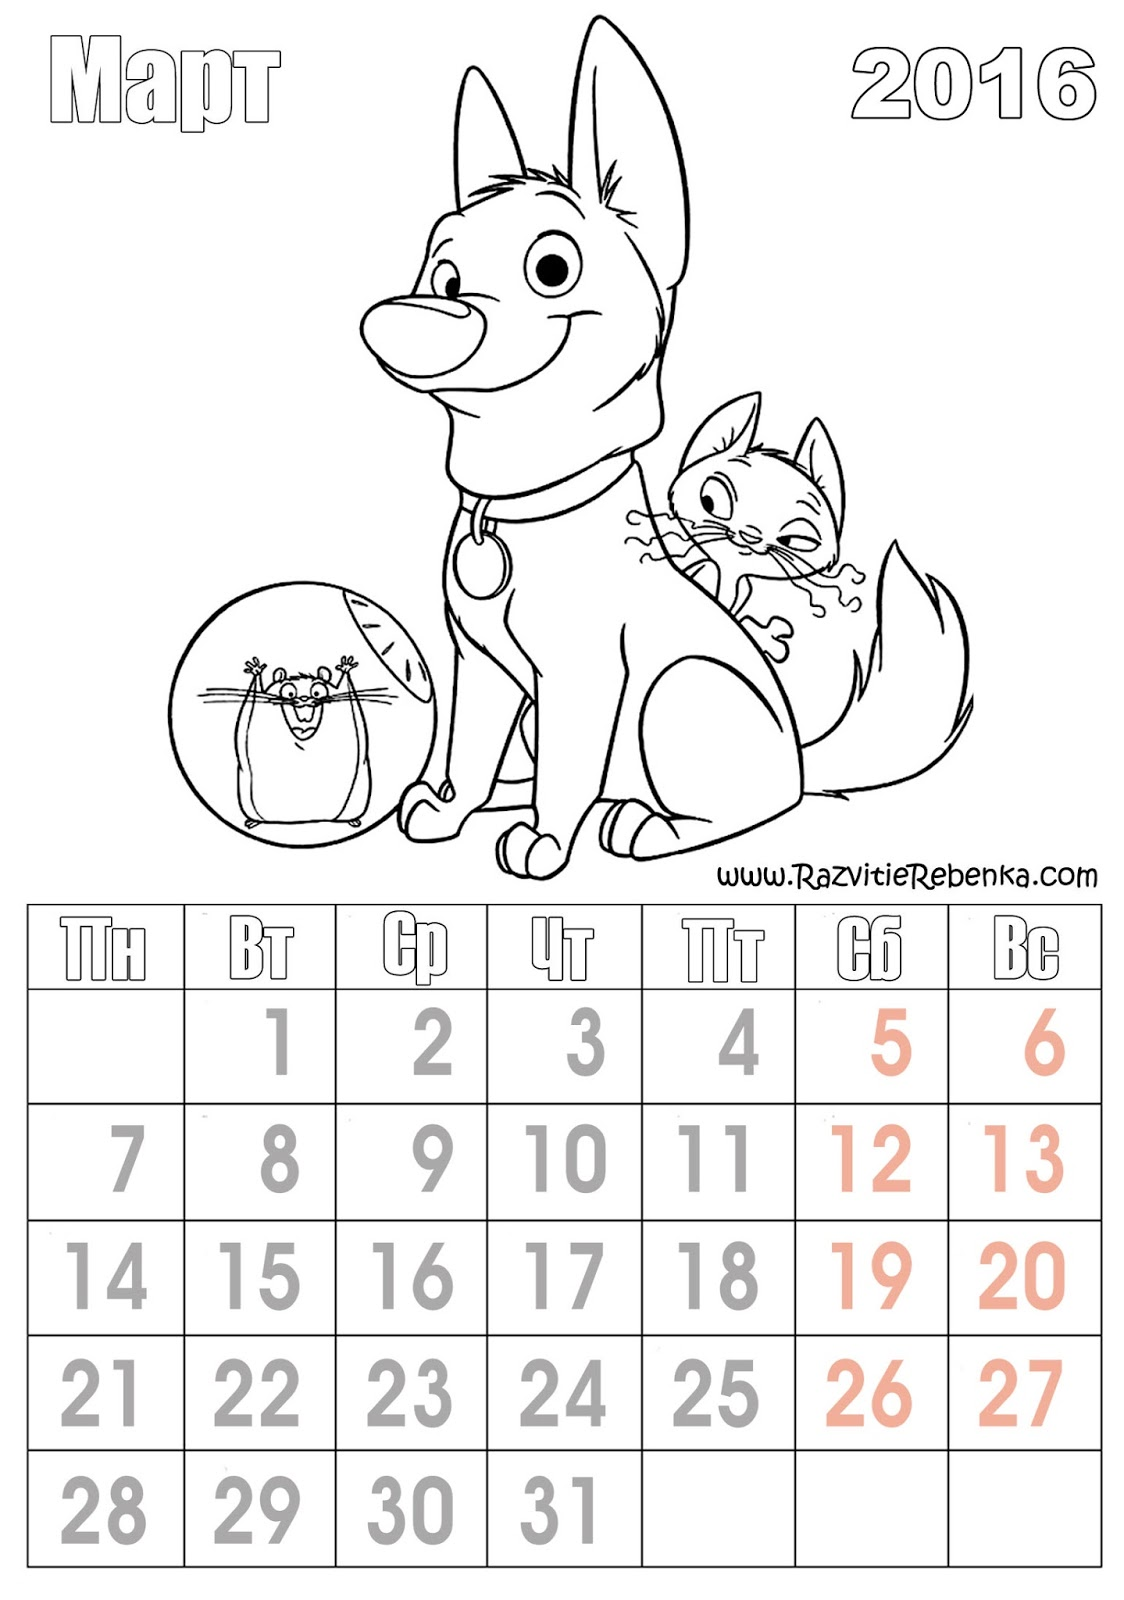 Календарь раскраска для детей